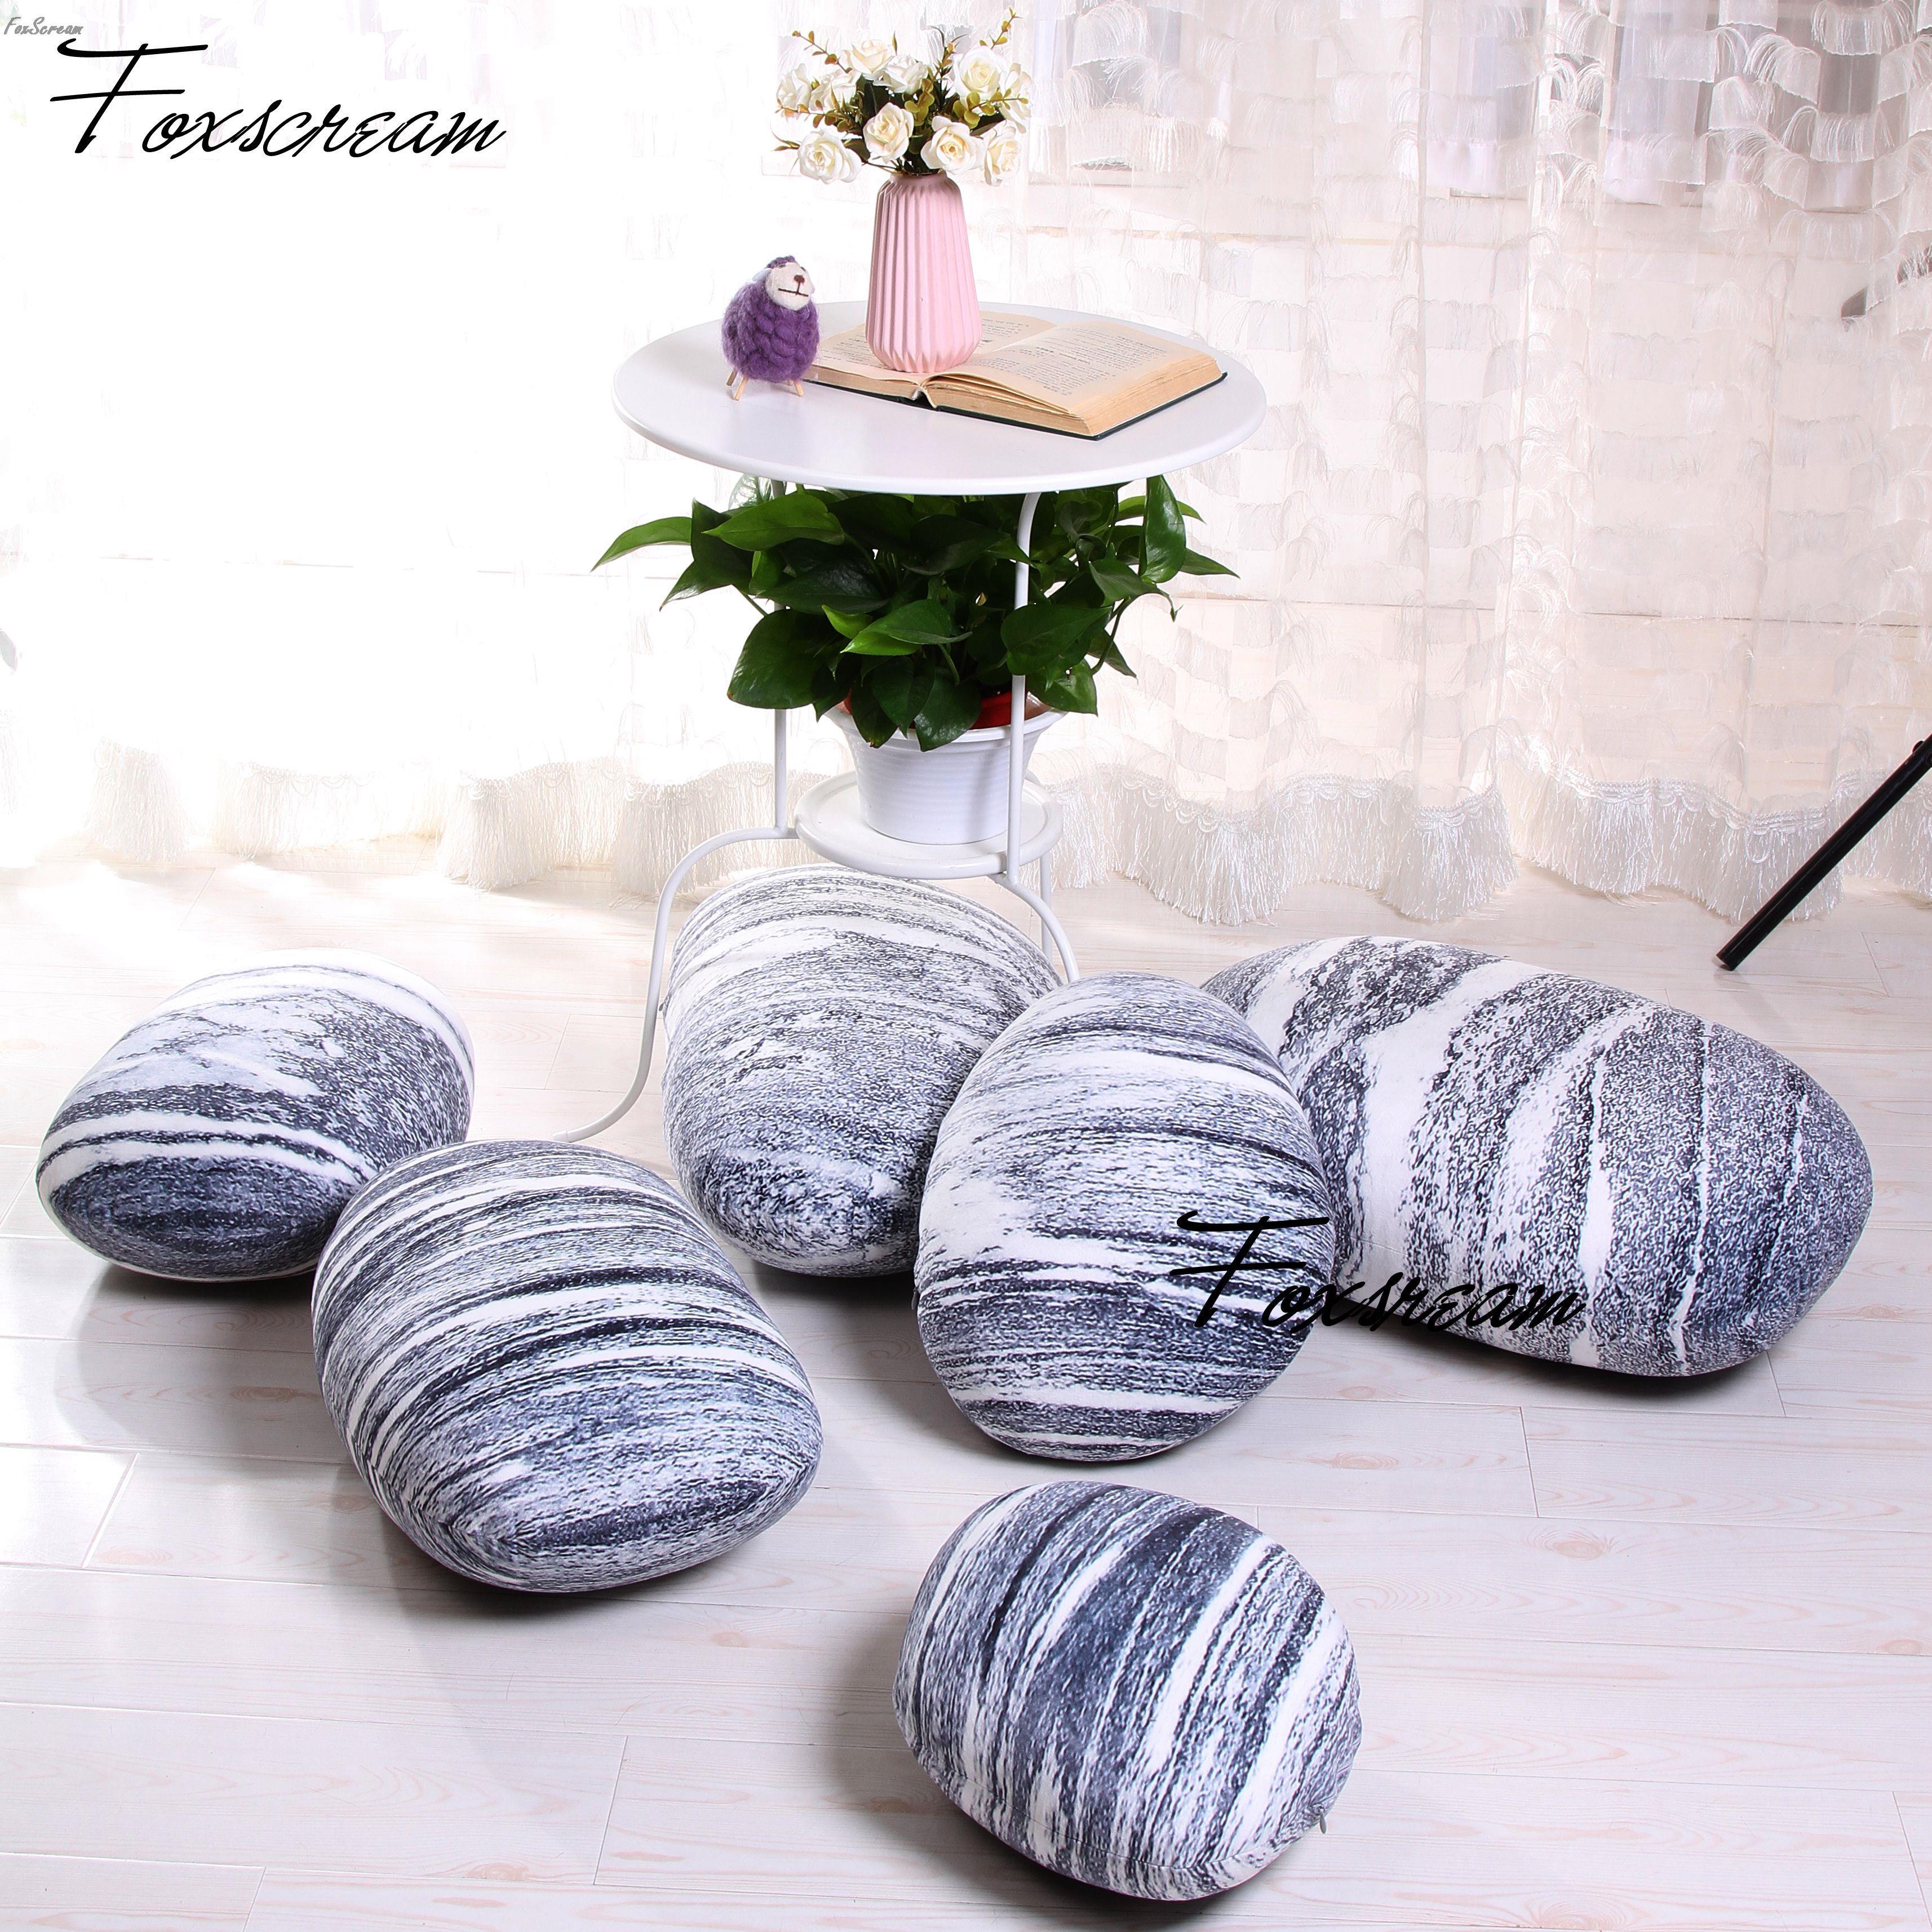 Coussins d'extérieur modernes 6 pièces pierres oreillers couvertures, coloré pays route galets coussins de sol couverture, jeter oreiller en plein air